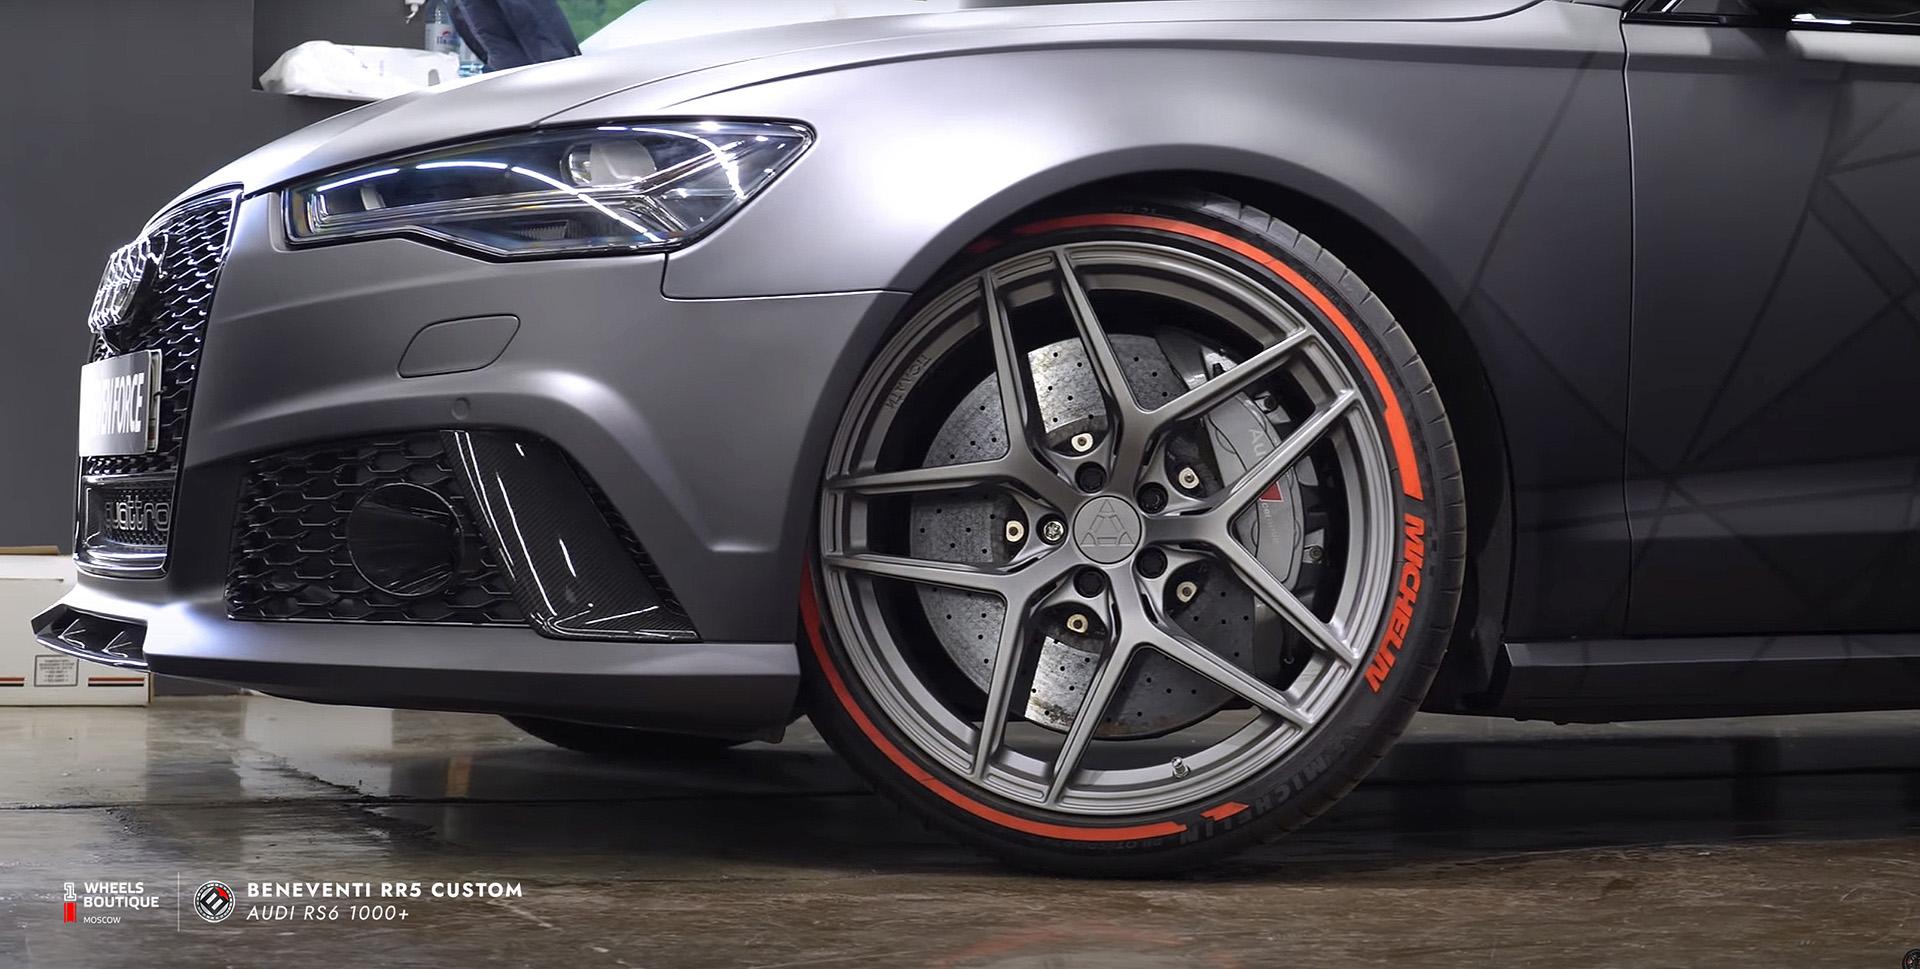 Audi RS6 1000+ и Beneventi RR5 в индивидуальном исполнении с изменениями по эскизам клиента